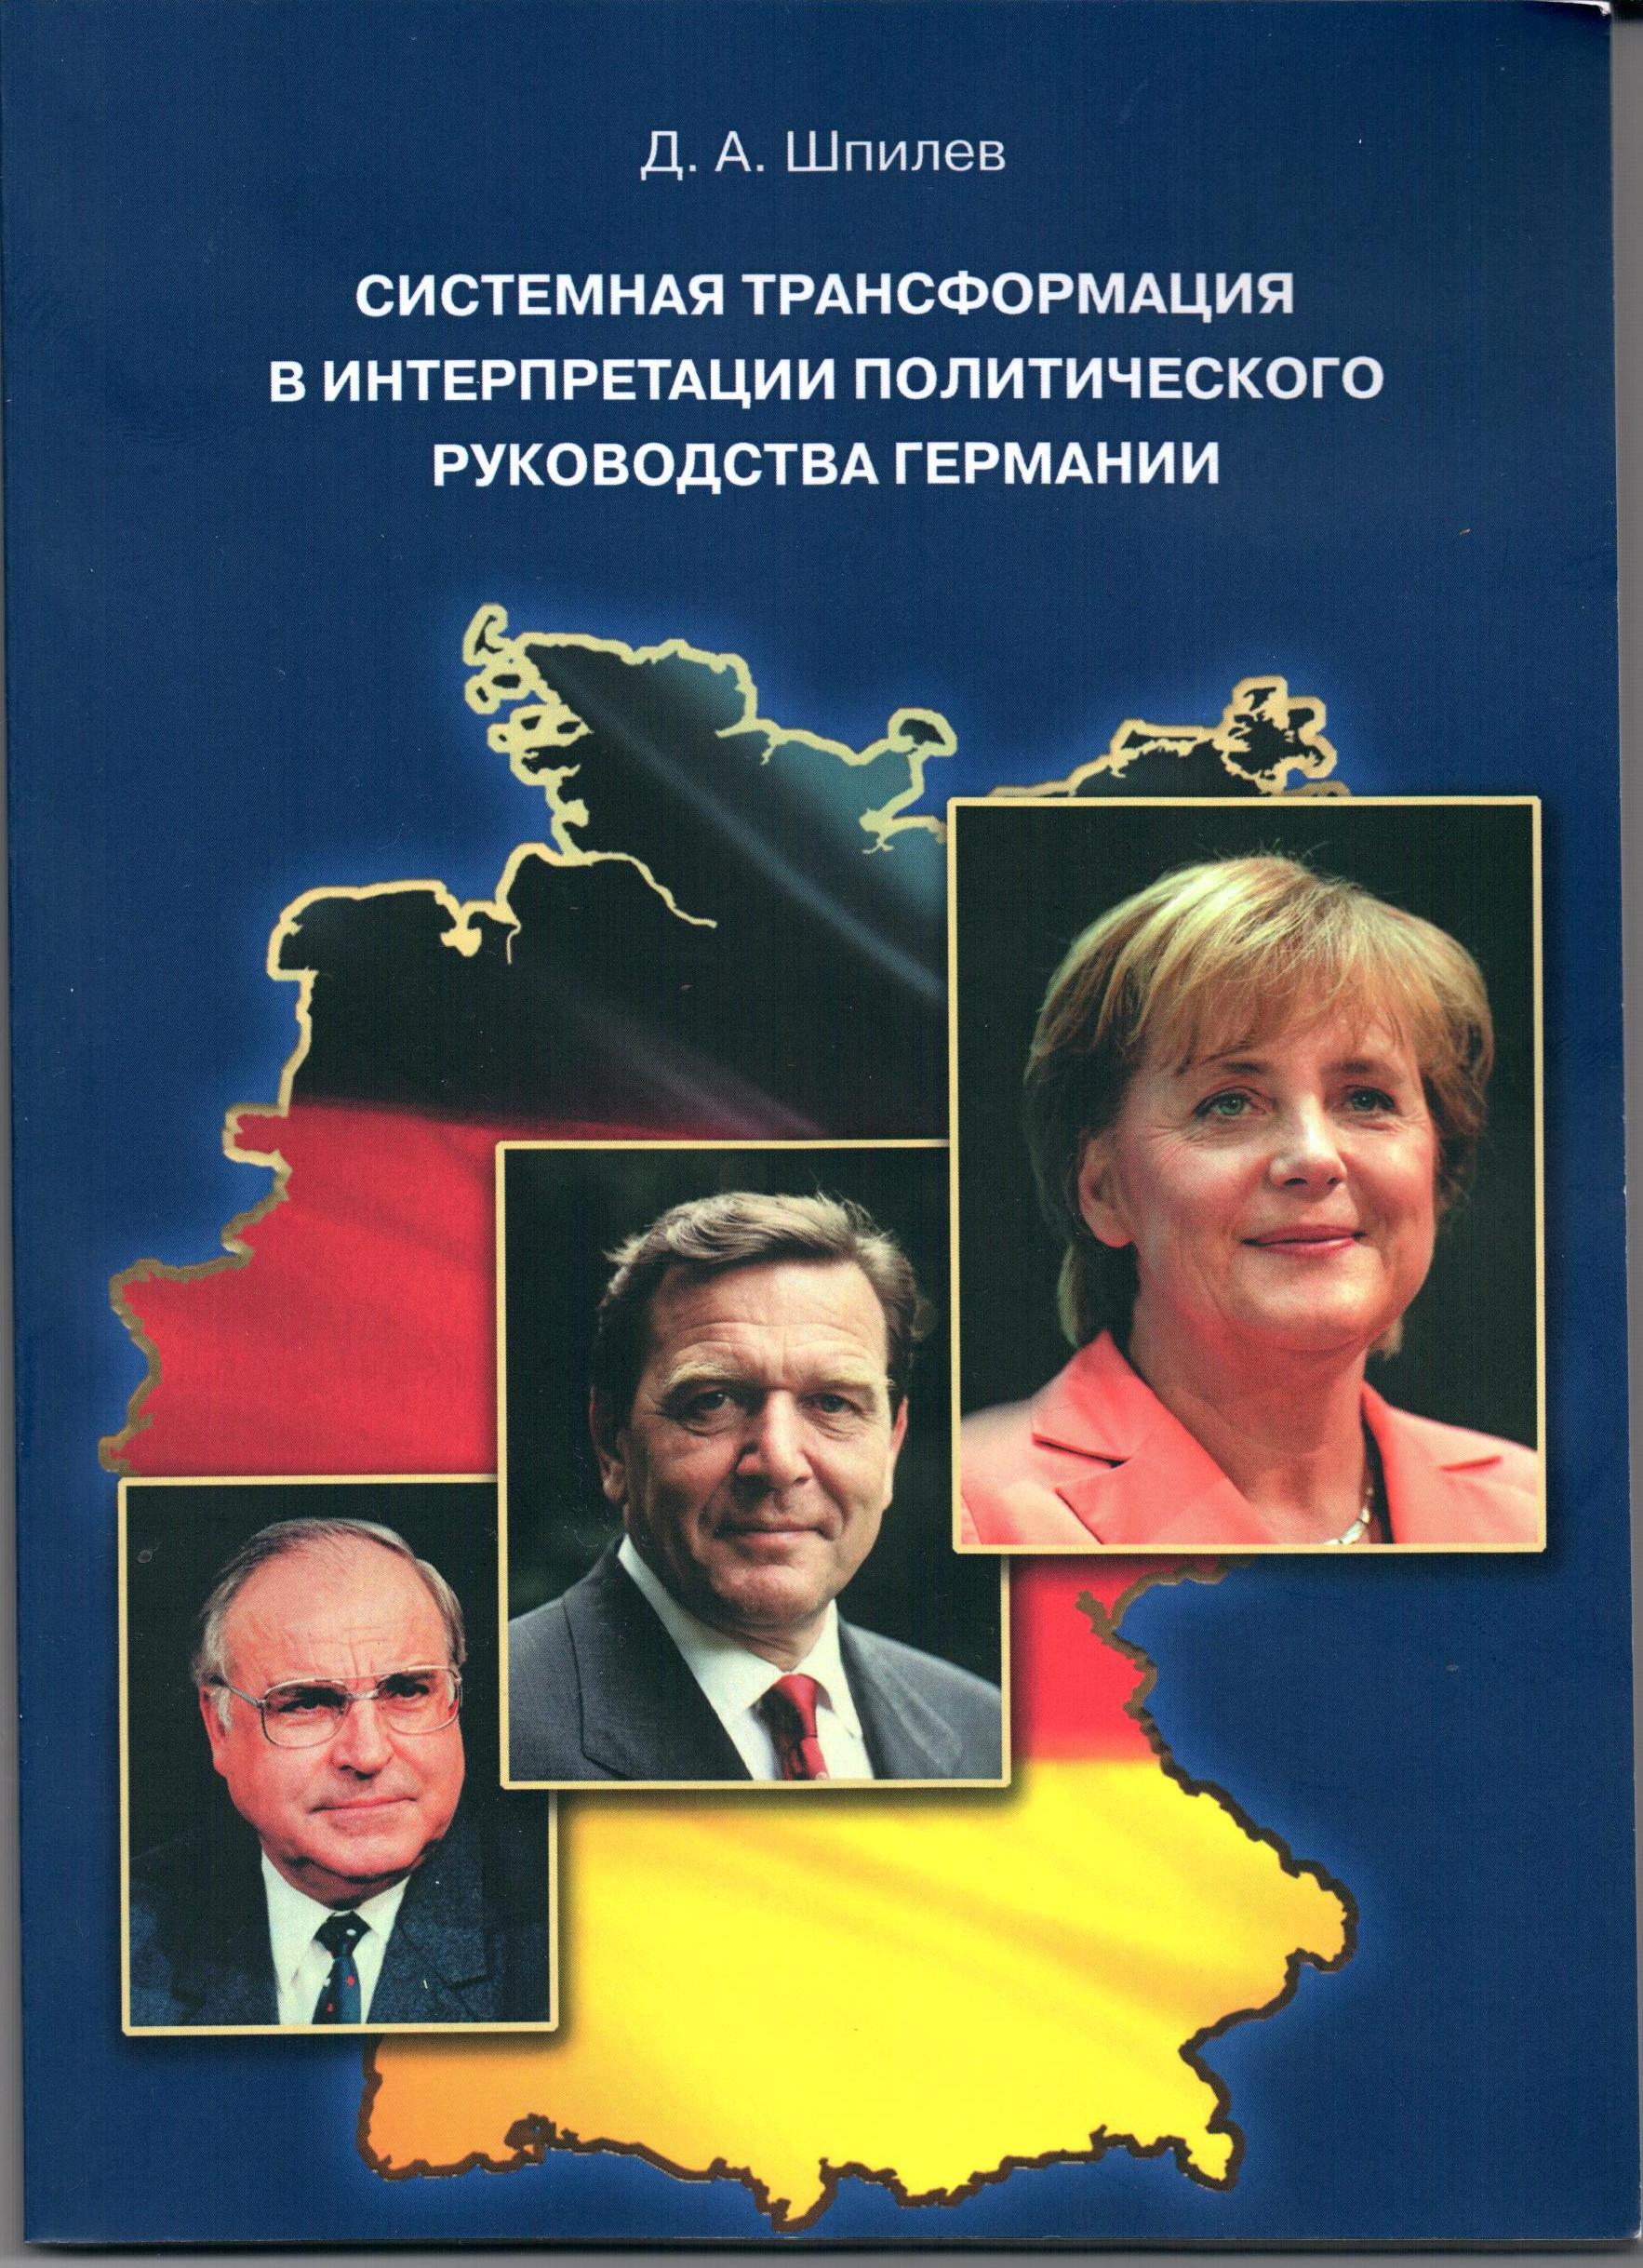 Системная трансформация в интерпретации политического руководства Германии